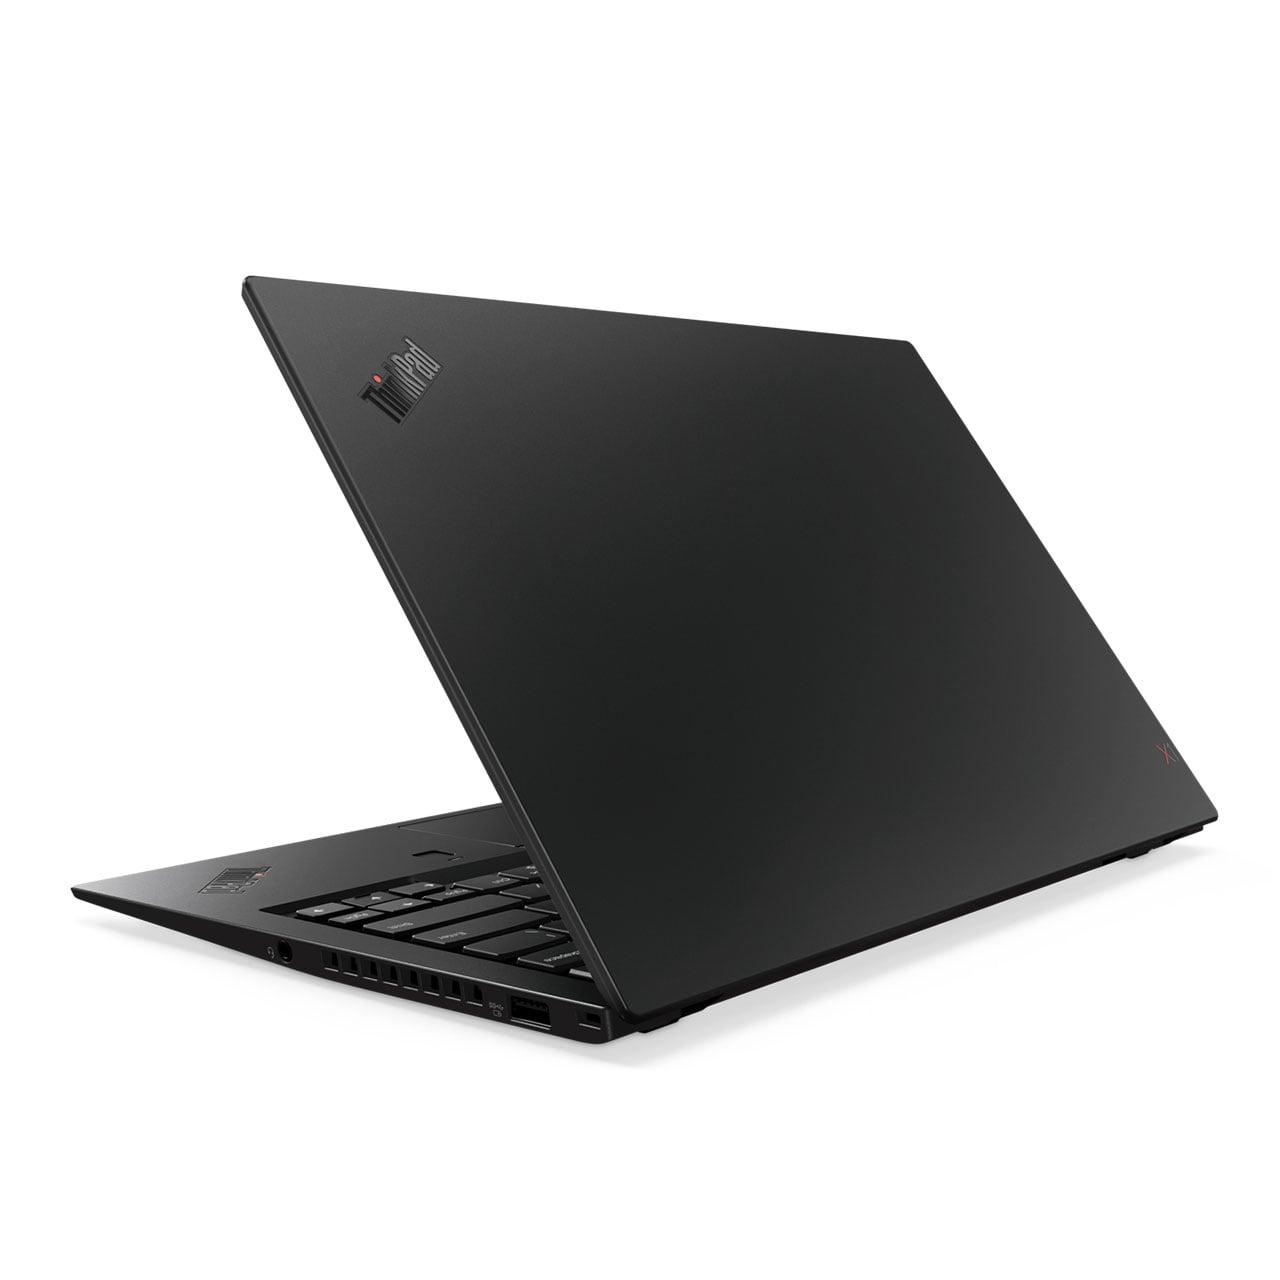 """Lenovo ThinkPad X1 Carbon 6th Generation, 14.0"""", i7-8650U, 16 GB RAM, 1TB SSD, Win 10 Pro 64 1"""